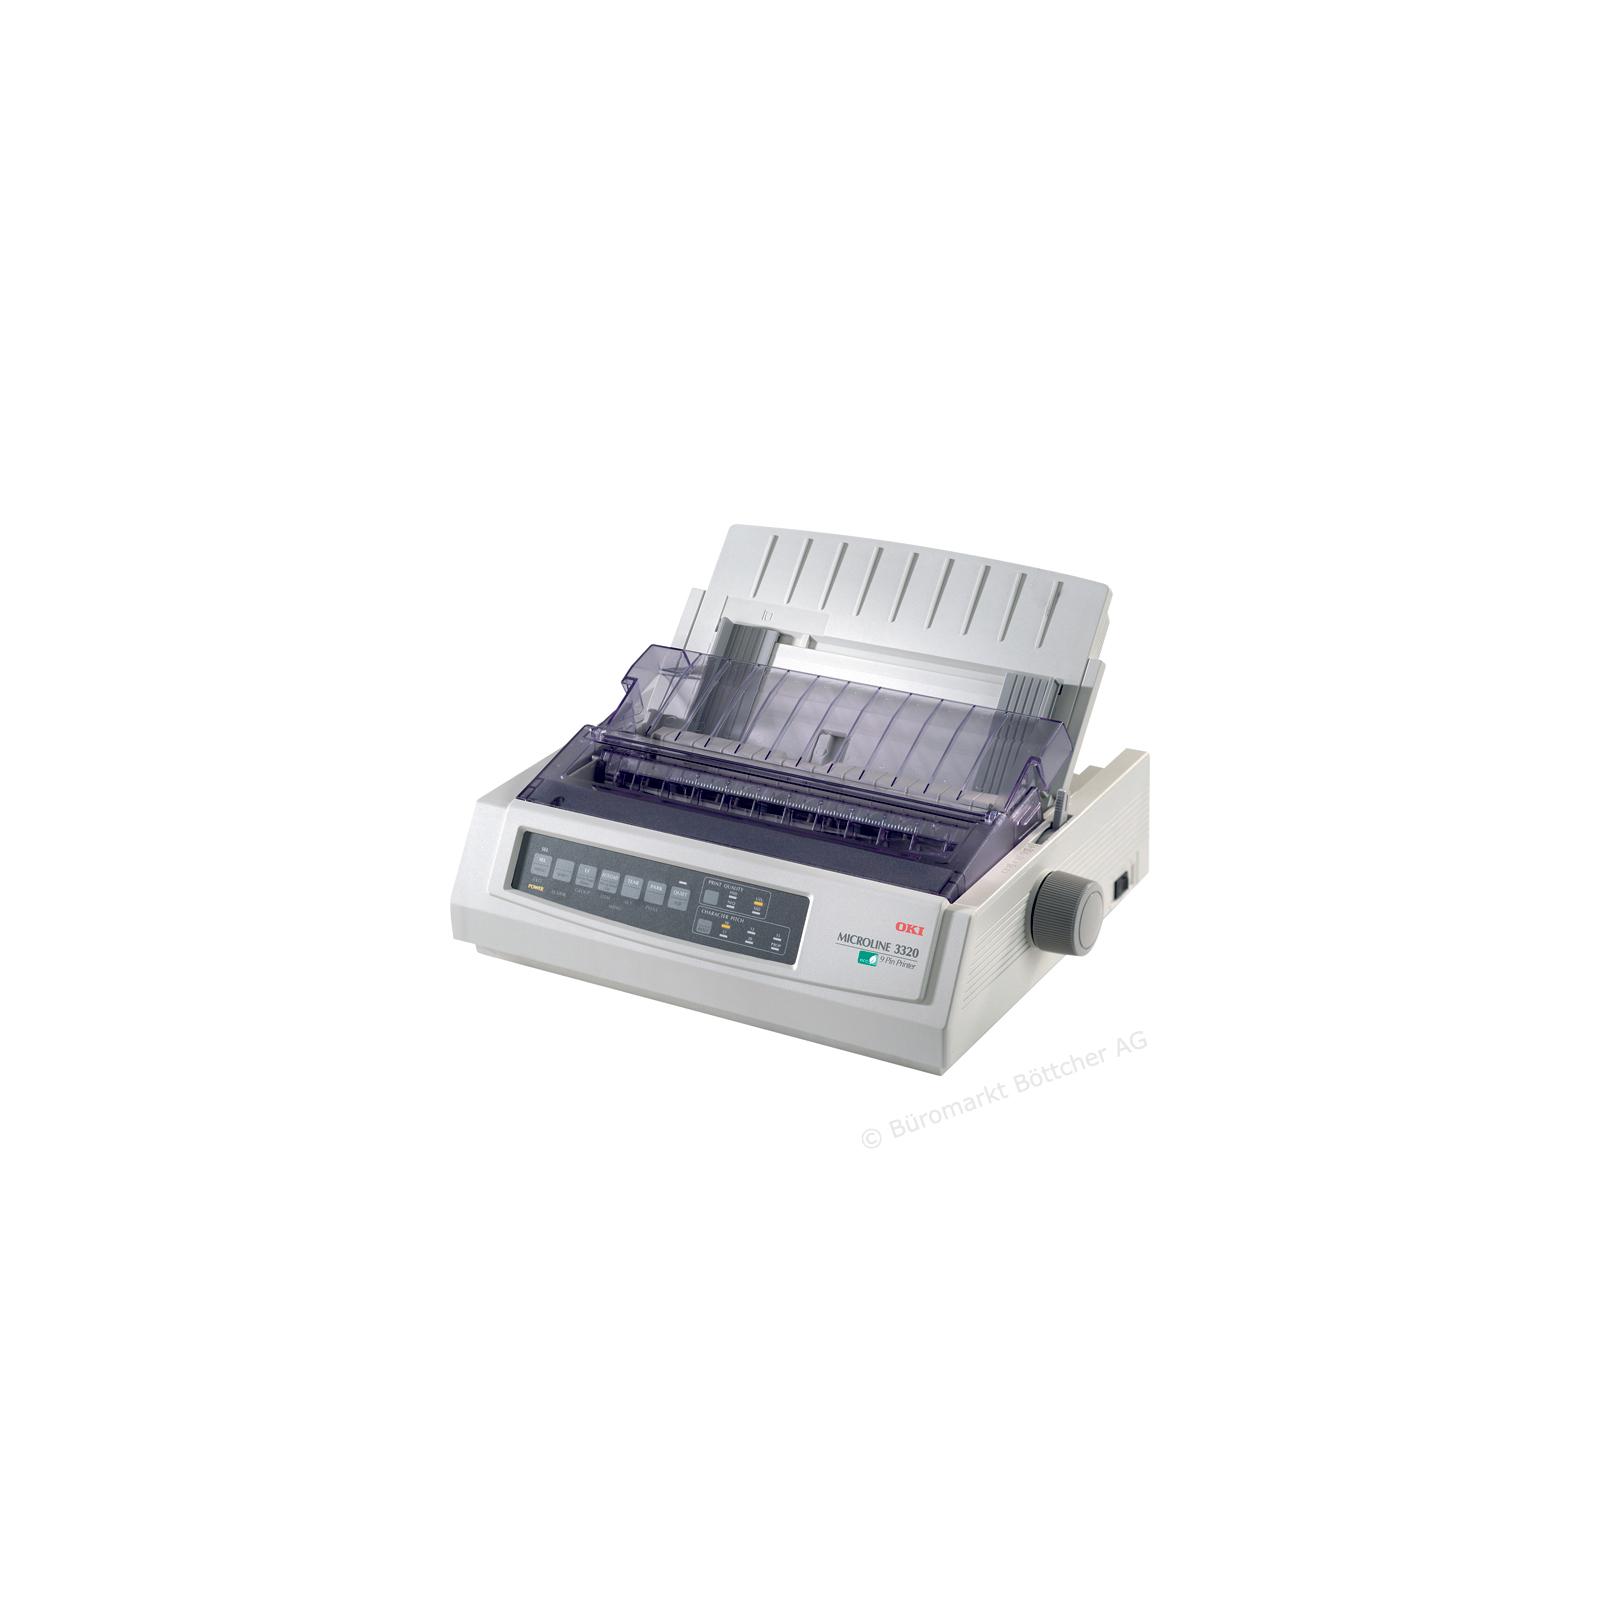 Матричный принтер OKI ML3320-ECO (01308201)